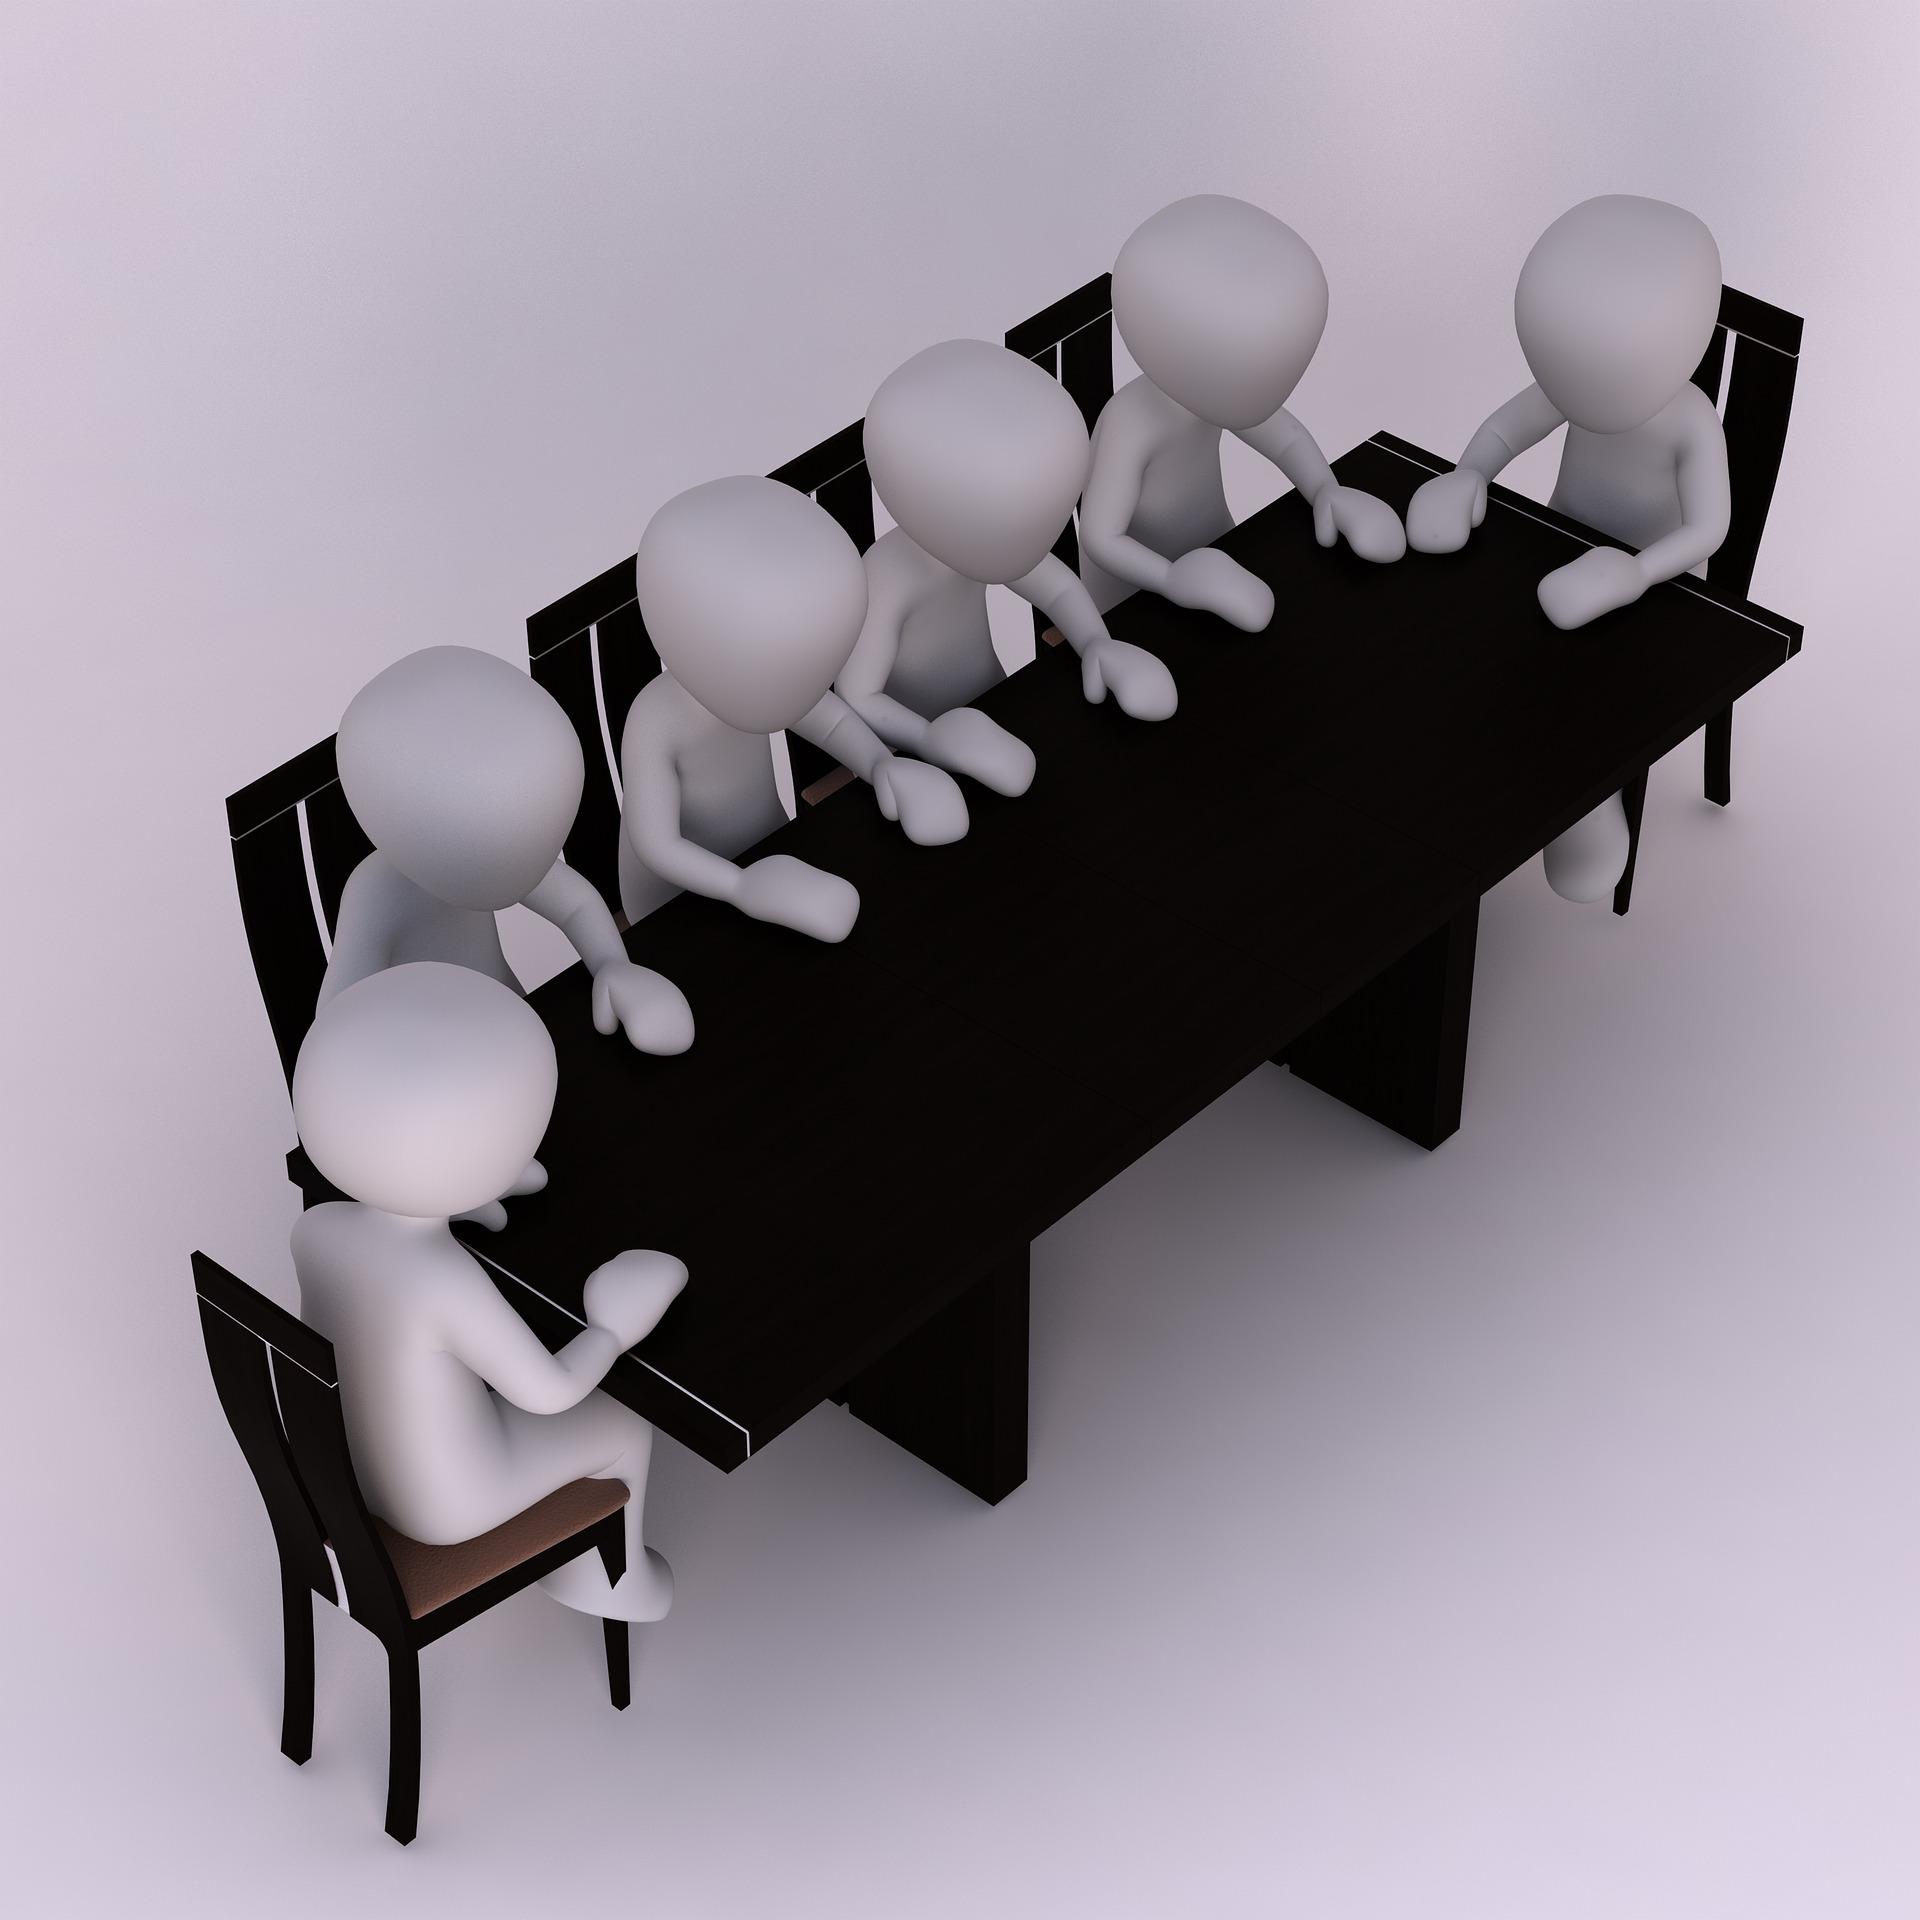 grafika przedstawiająca osoby siedzące przy stole konferencyjnym